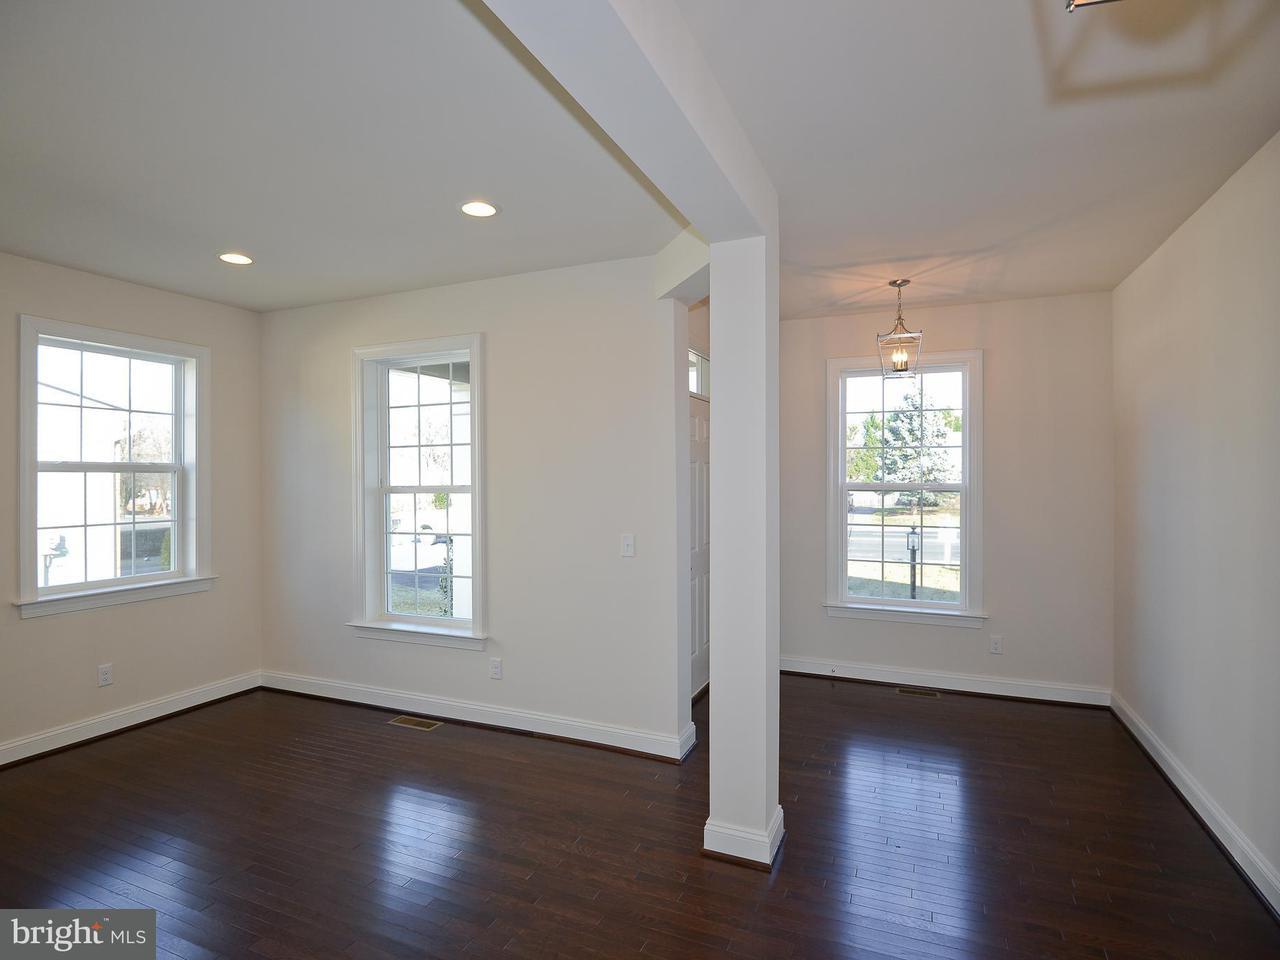 Частный односемейный дом для того Продажа на 9042 SUDLEY RD #16A 9042 SUDLEY RD #16A Manassas, Виргиния 20110 Соединенные Штаты